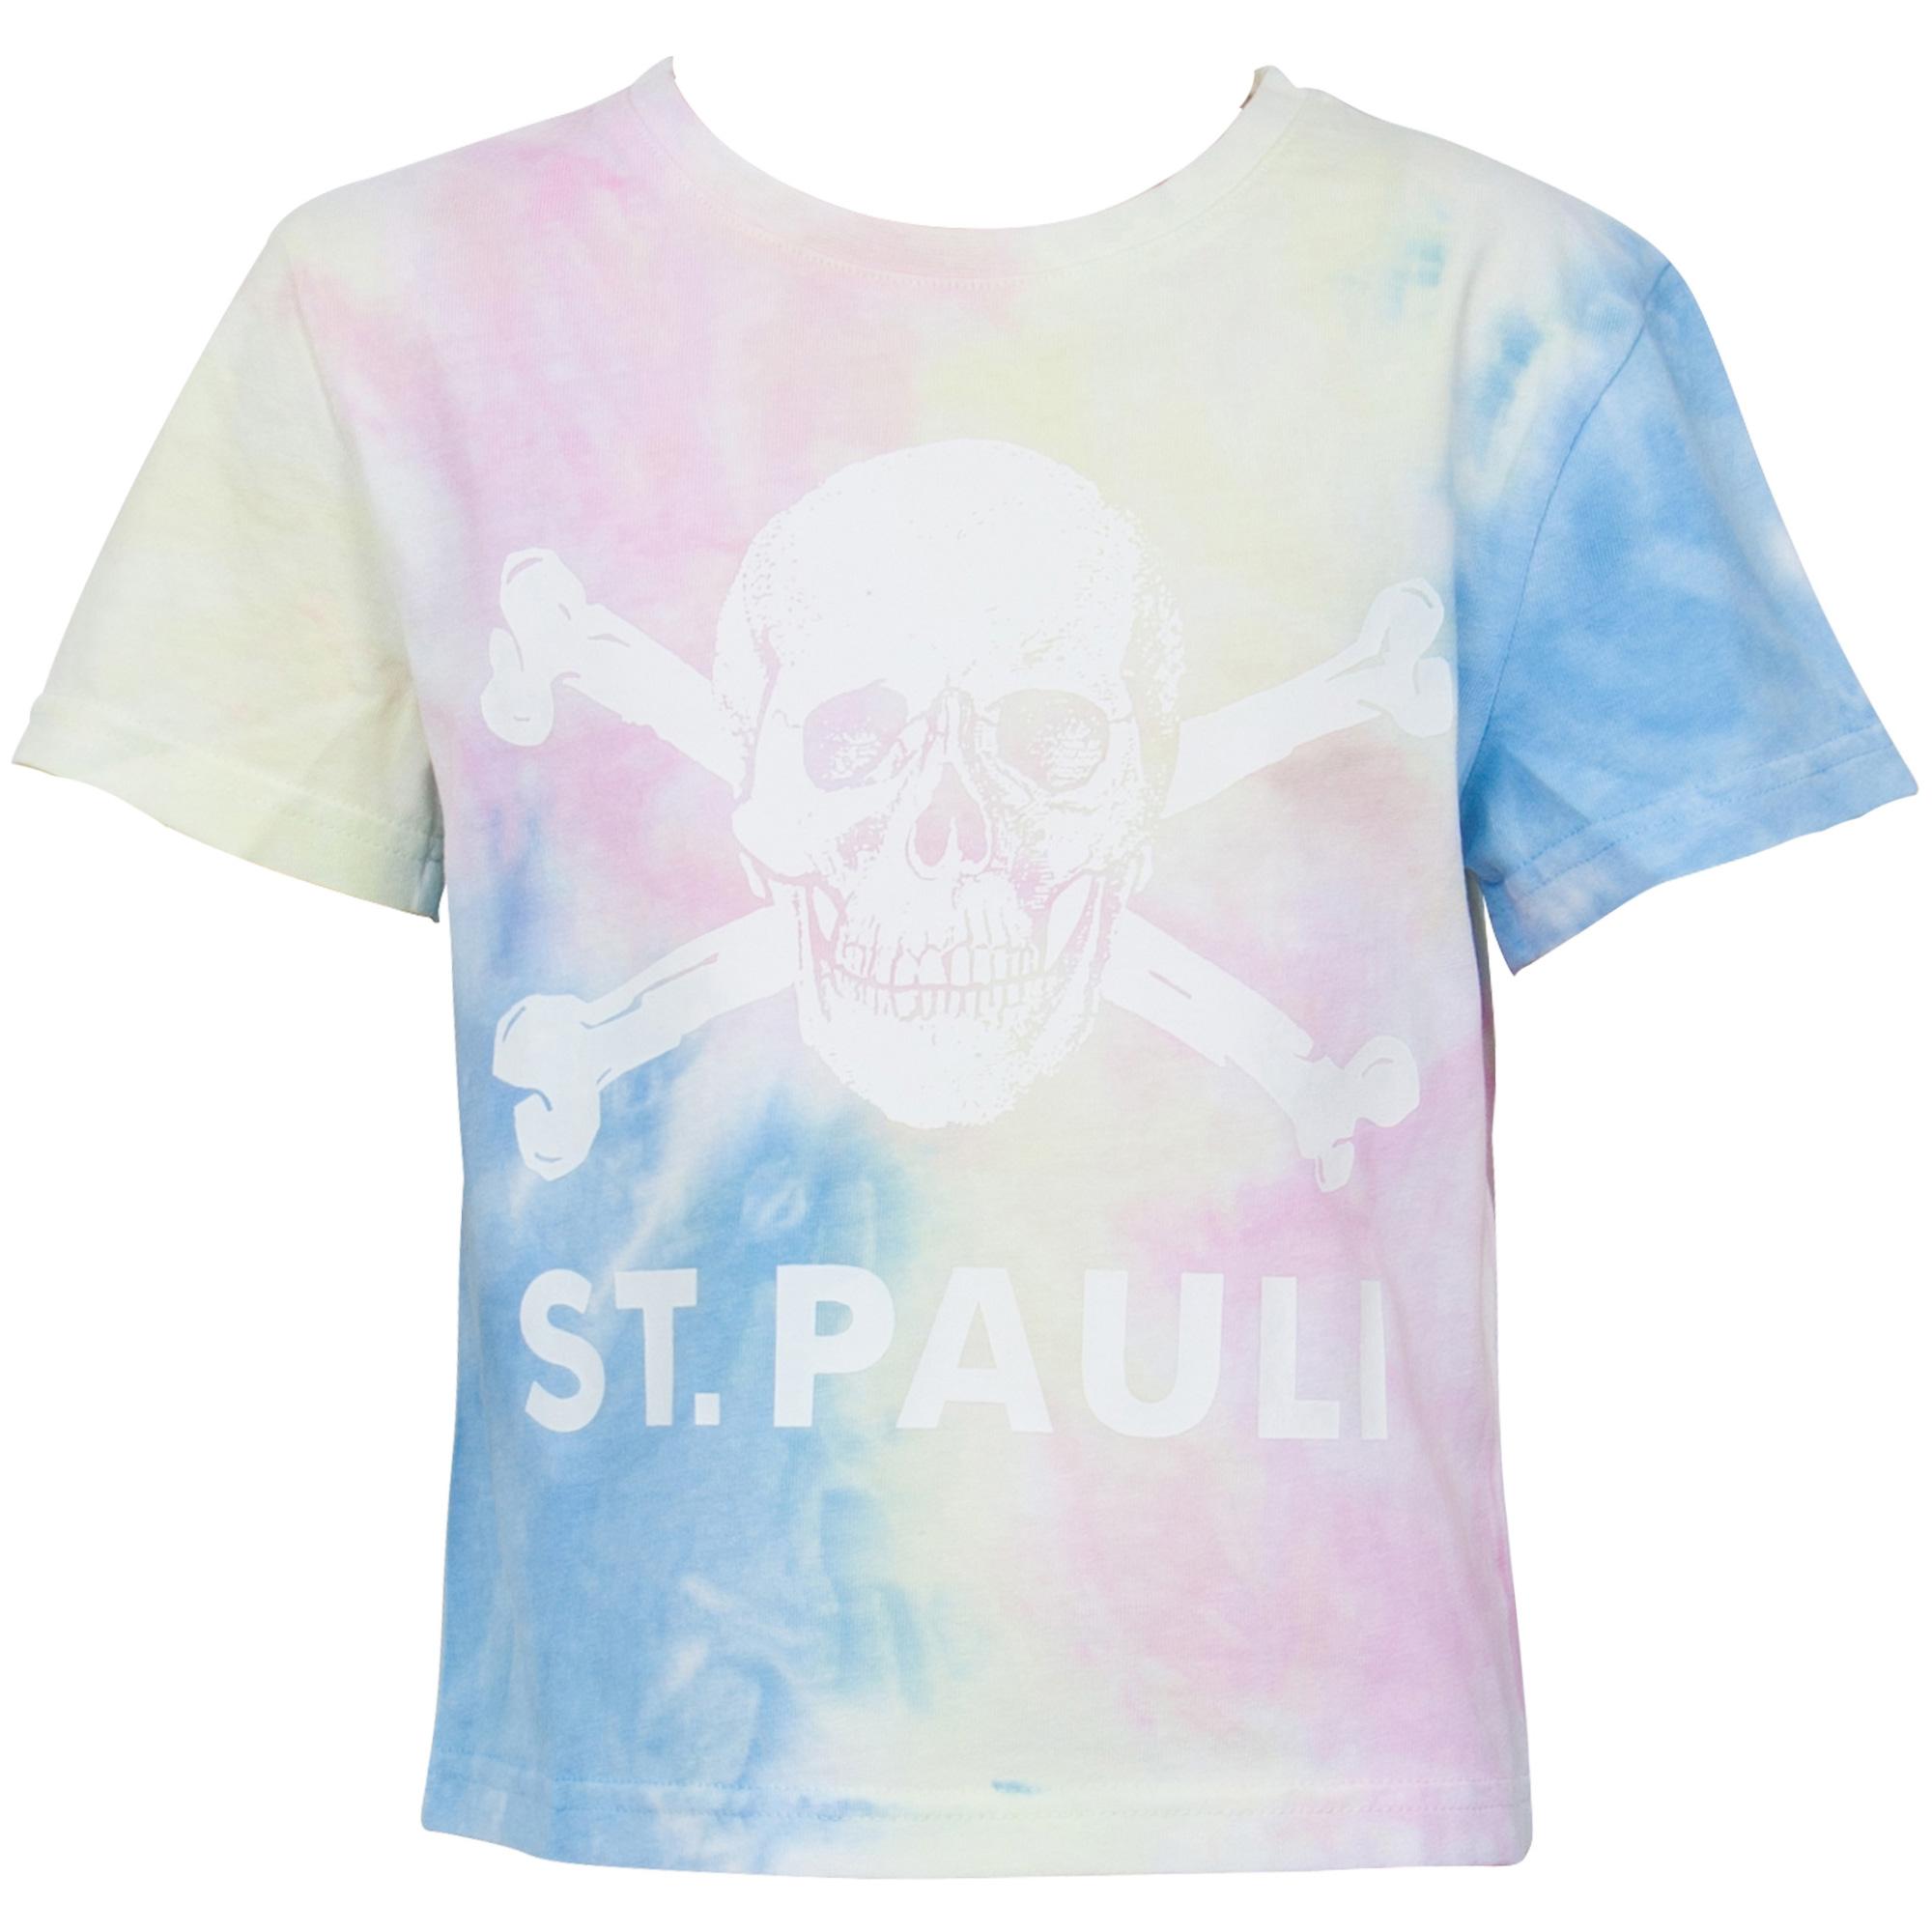 FC St. Pauli - Kinder T-Shirt Pastell Batik Totenkopf